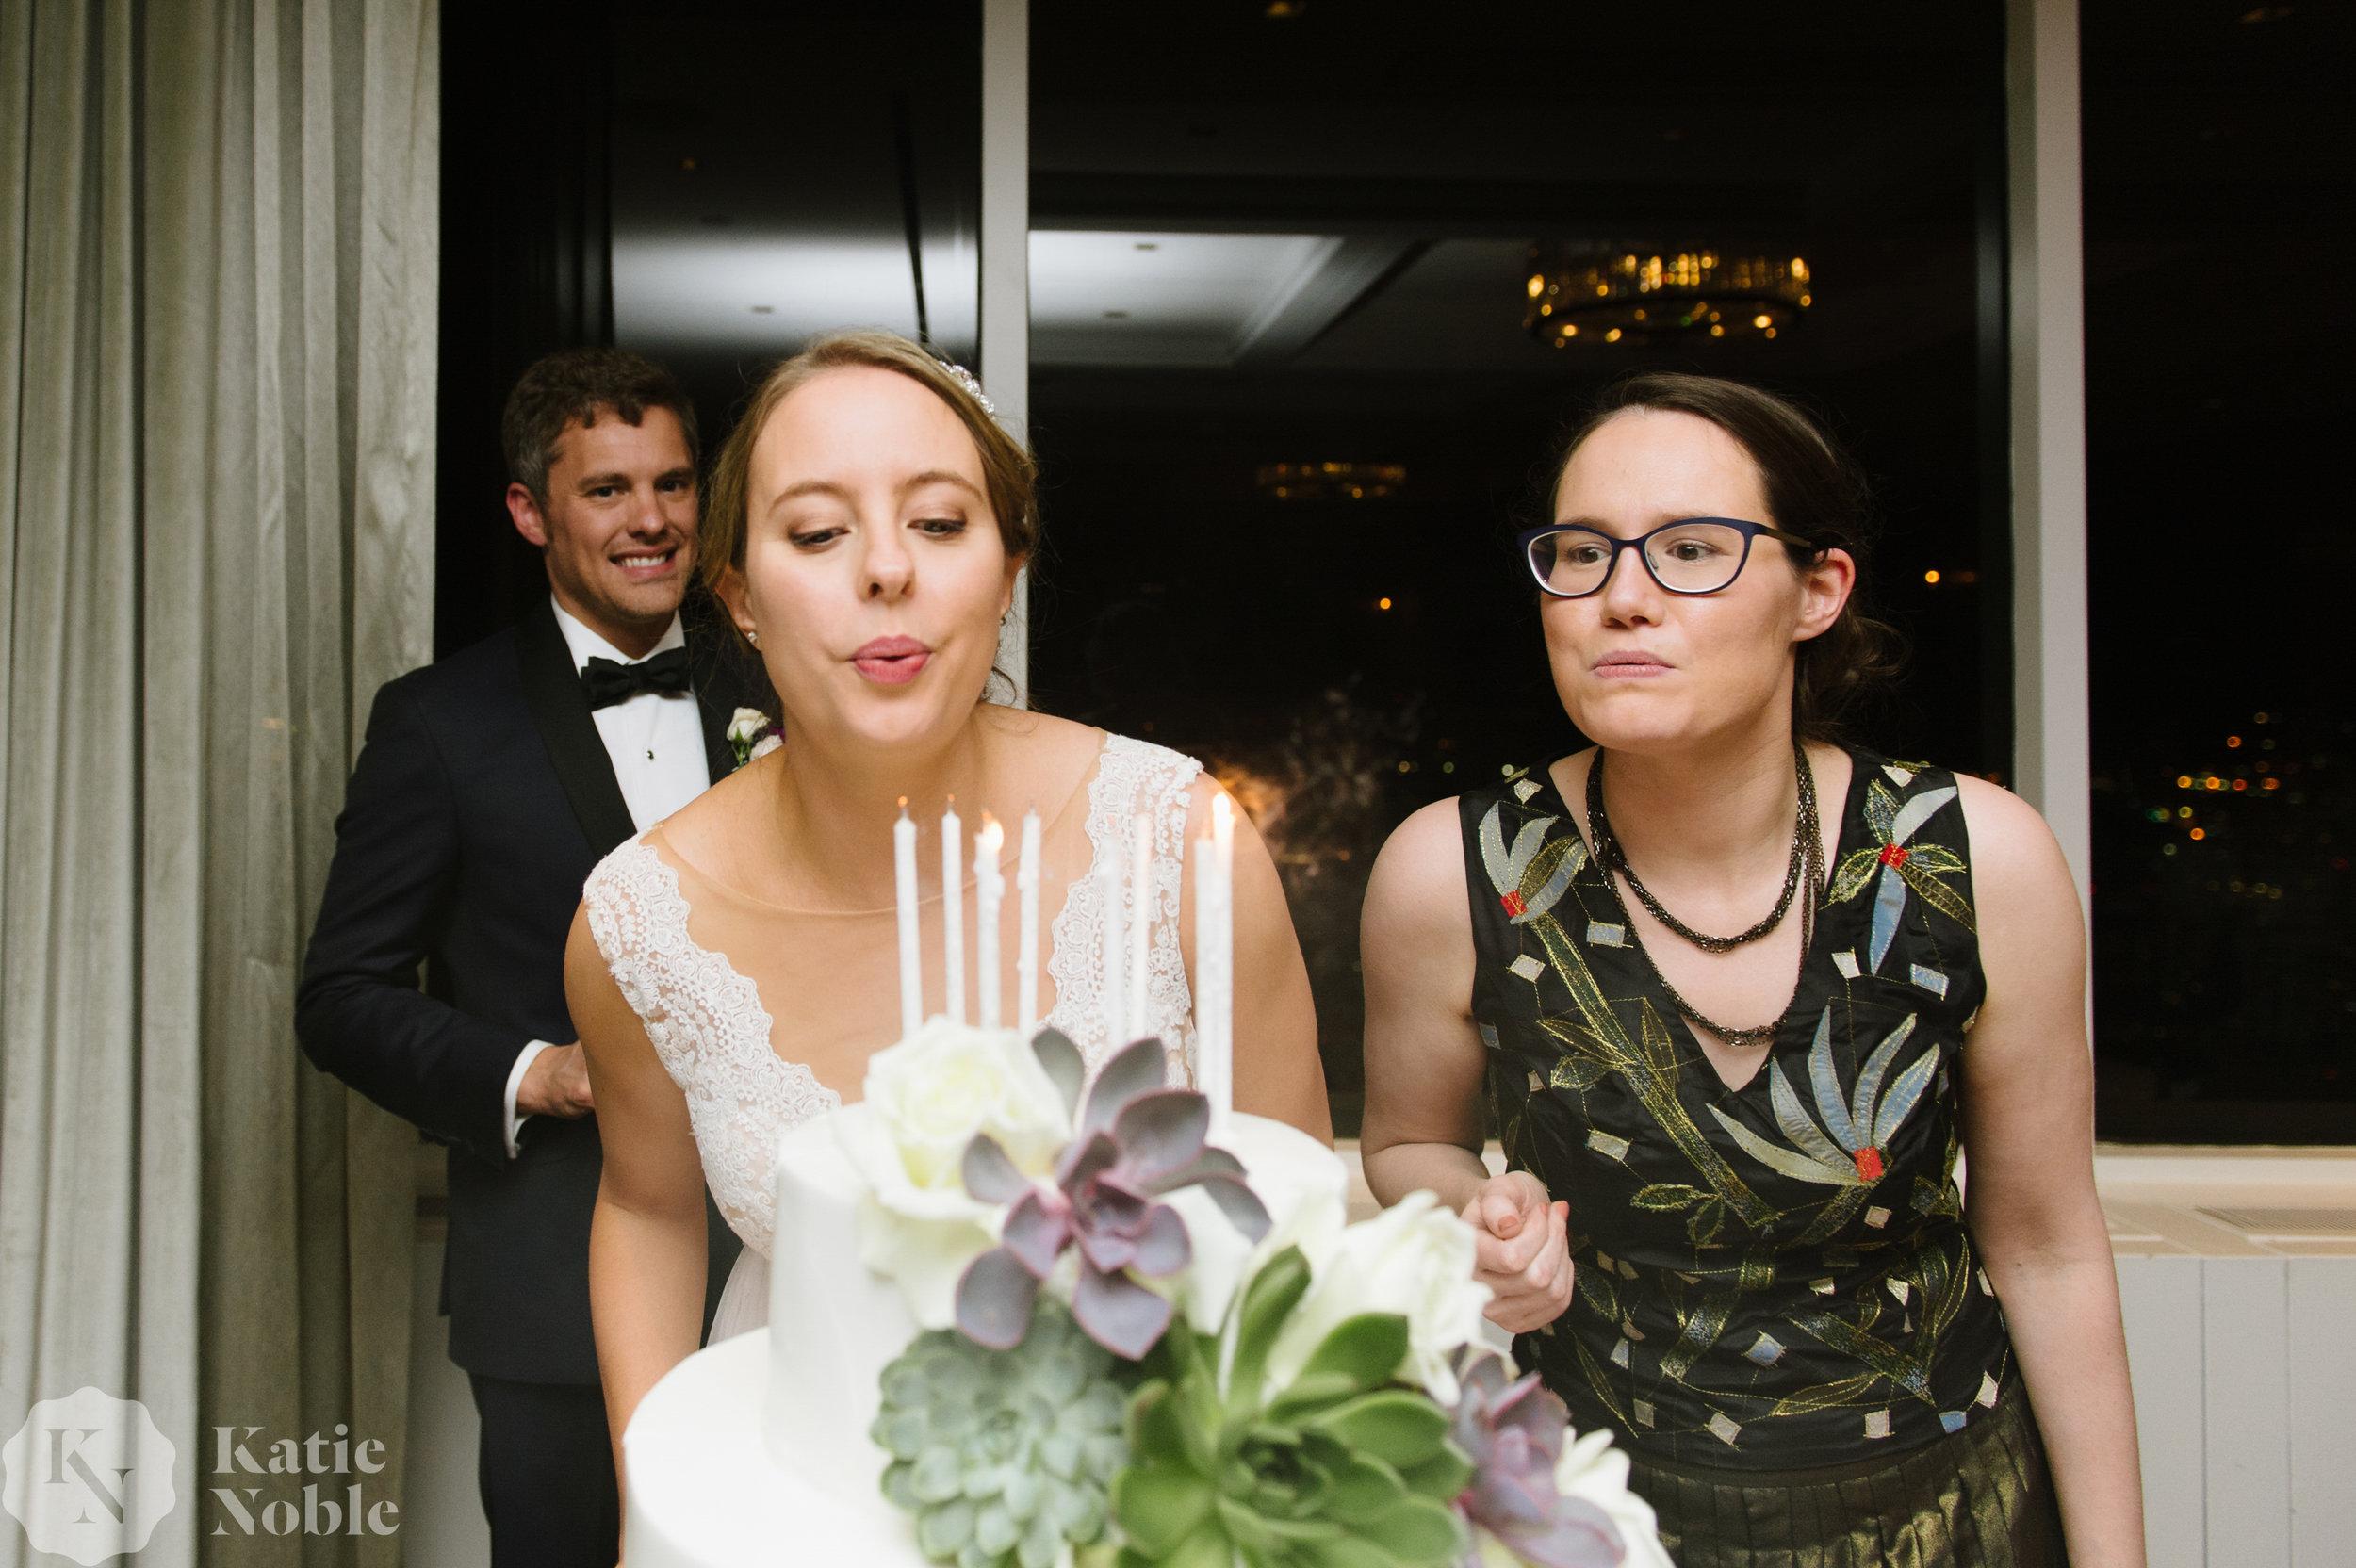 Katie-Noble-Weddings -37.jpg